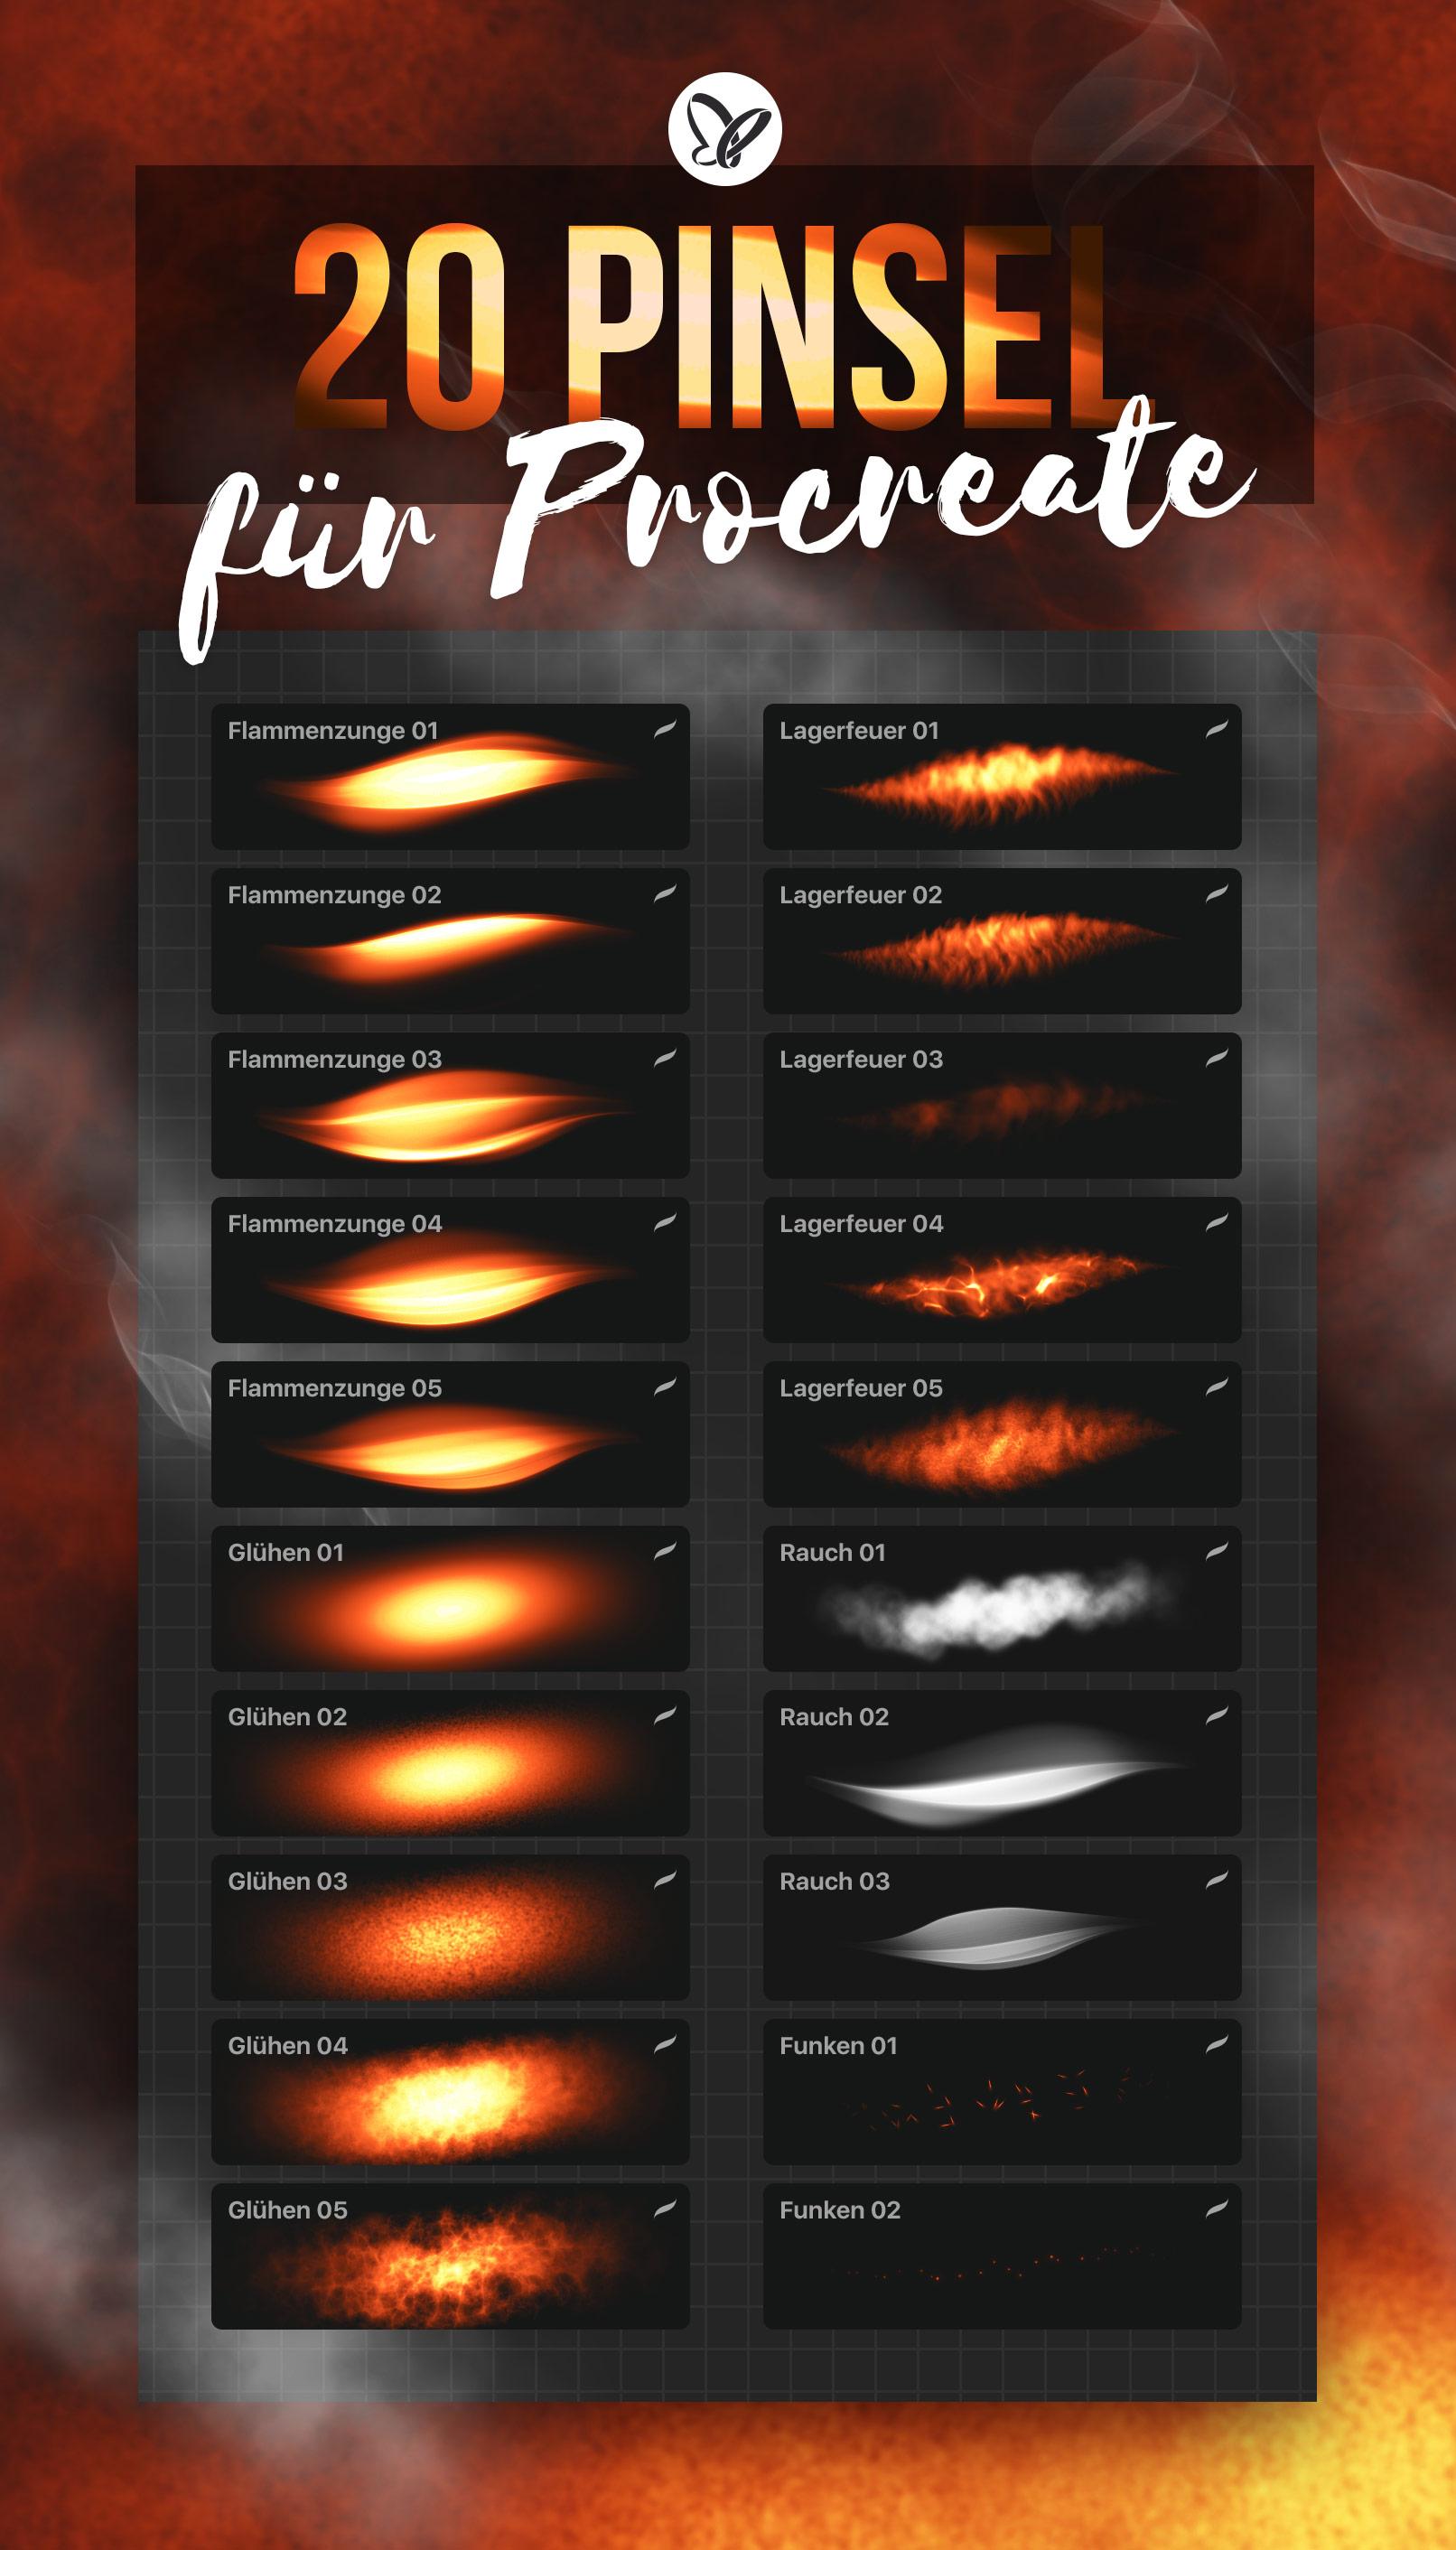 Procreate-Pinsel zum Zeichnen von Feuer mit Flammen-, Glüh-, Rauch- und Funken-Effekten